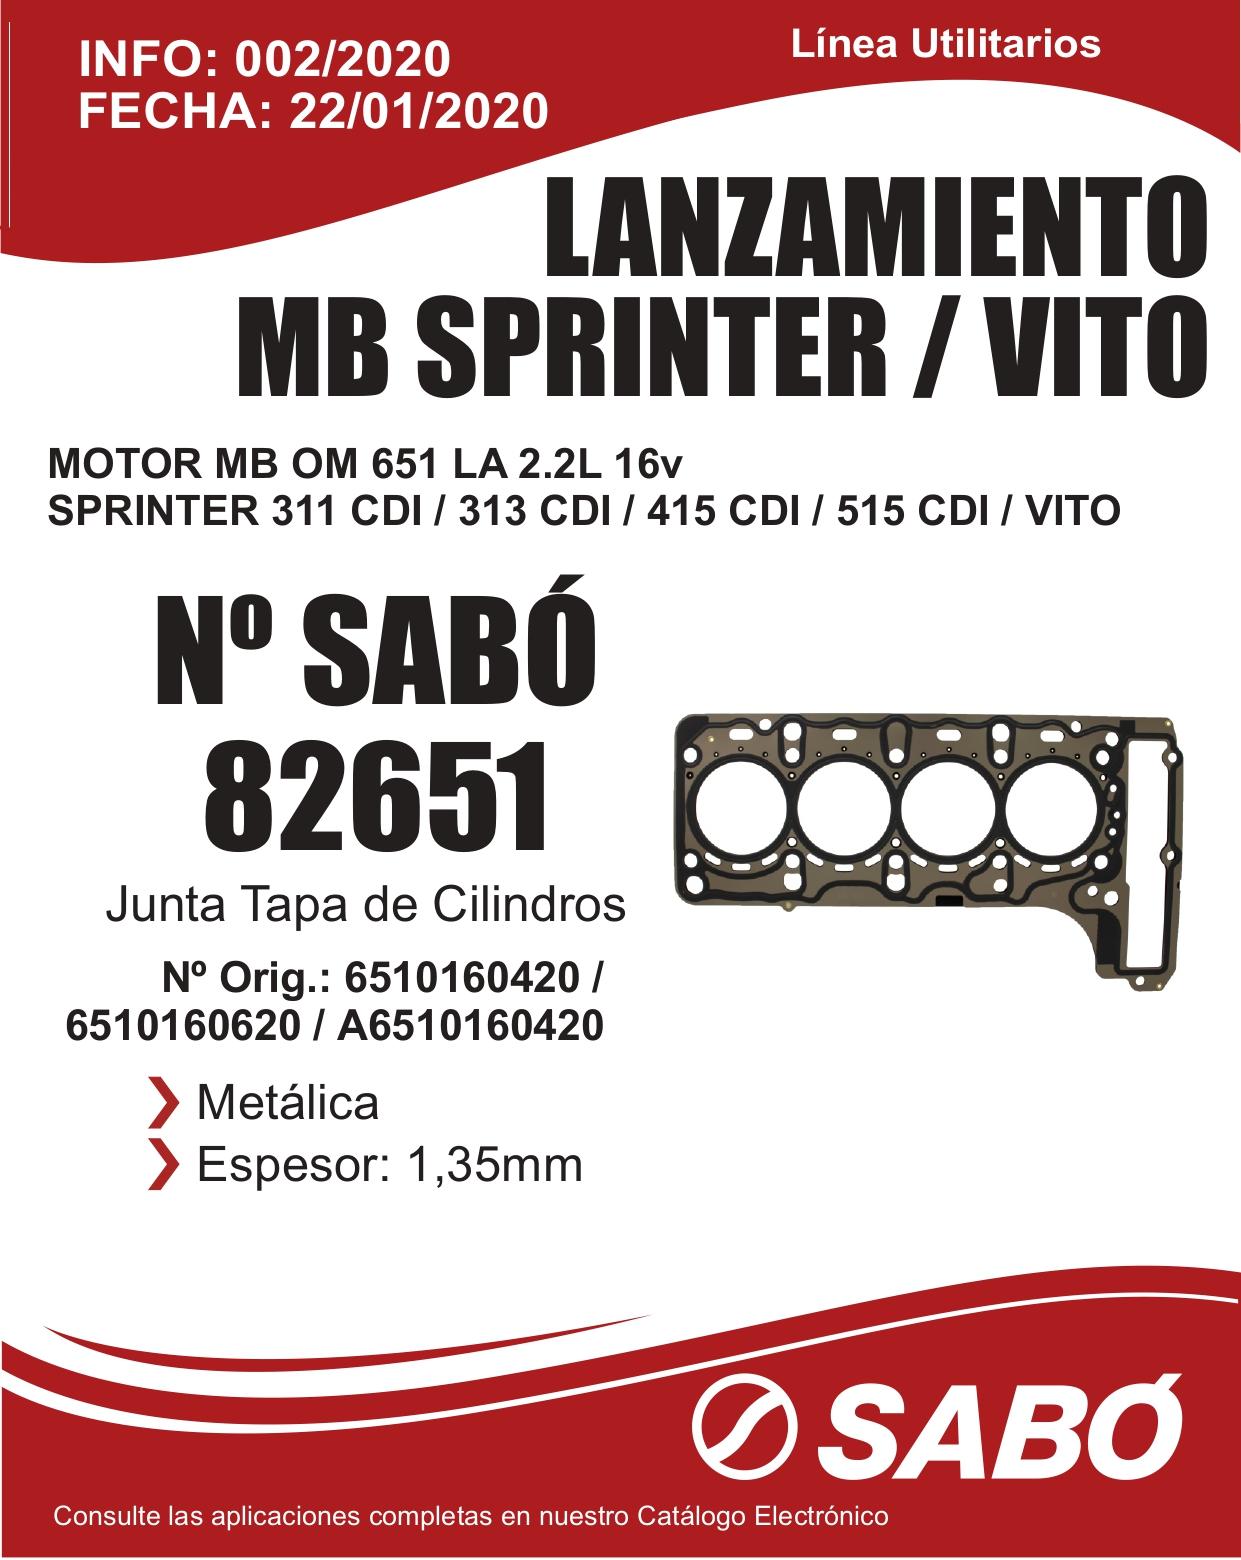 Info 002 Lanzamiento MB Sprinter Vito Motor OM 651 2.2L 16V Linea Utilitarios_page-0001